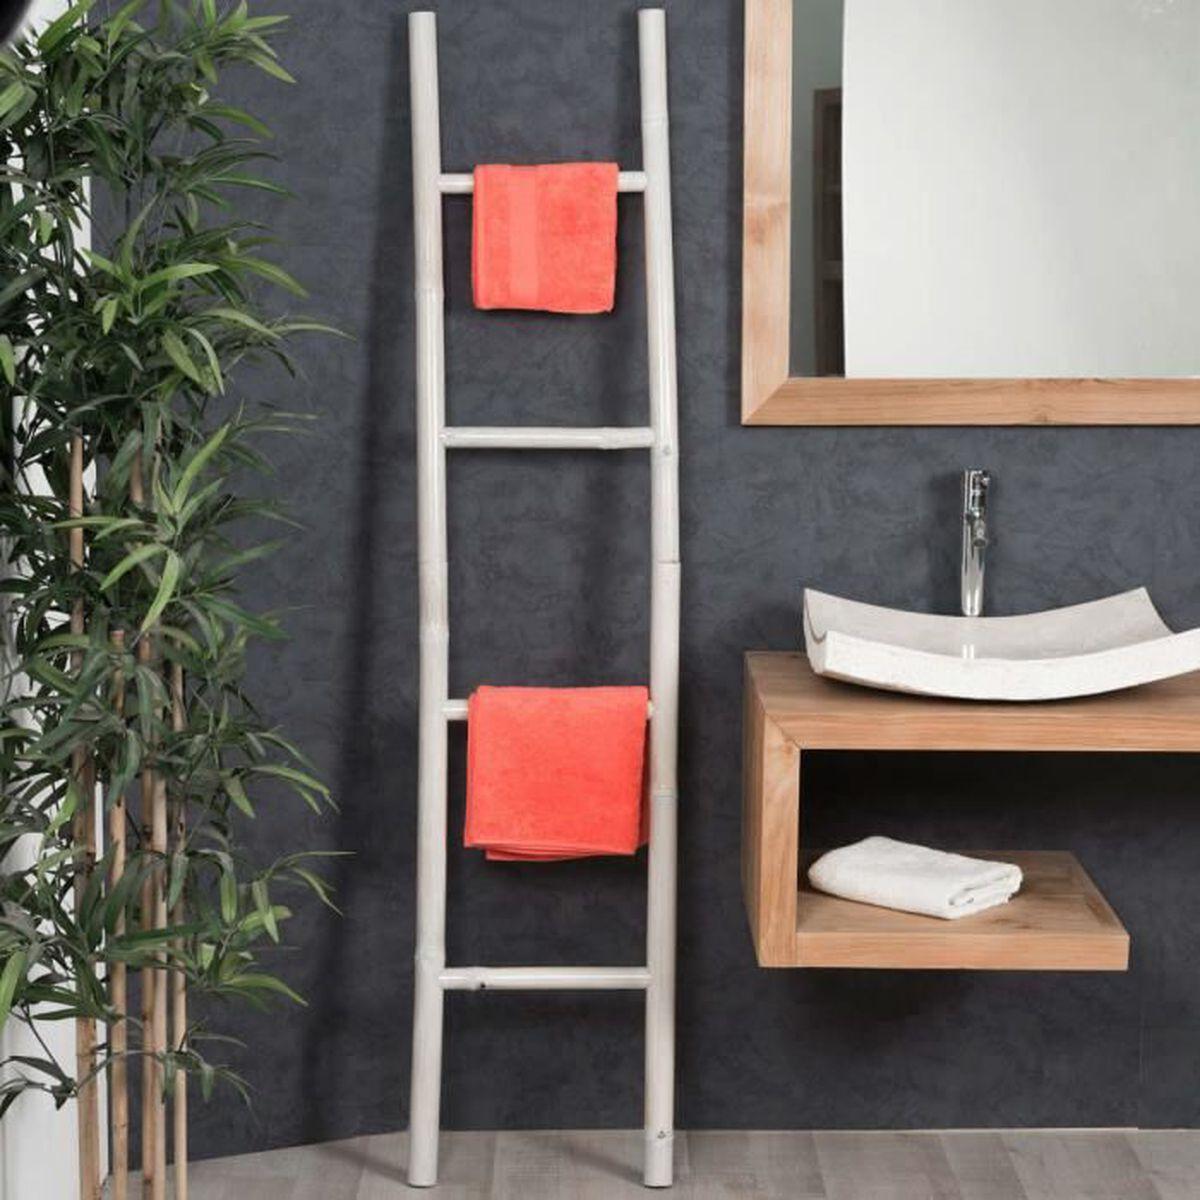 Porte serviette échelle blanc - Achat / Vente porte serviette